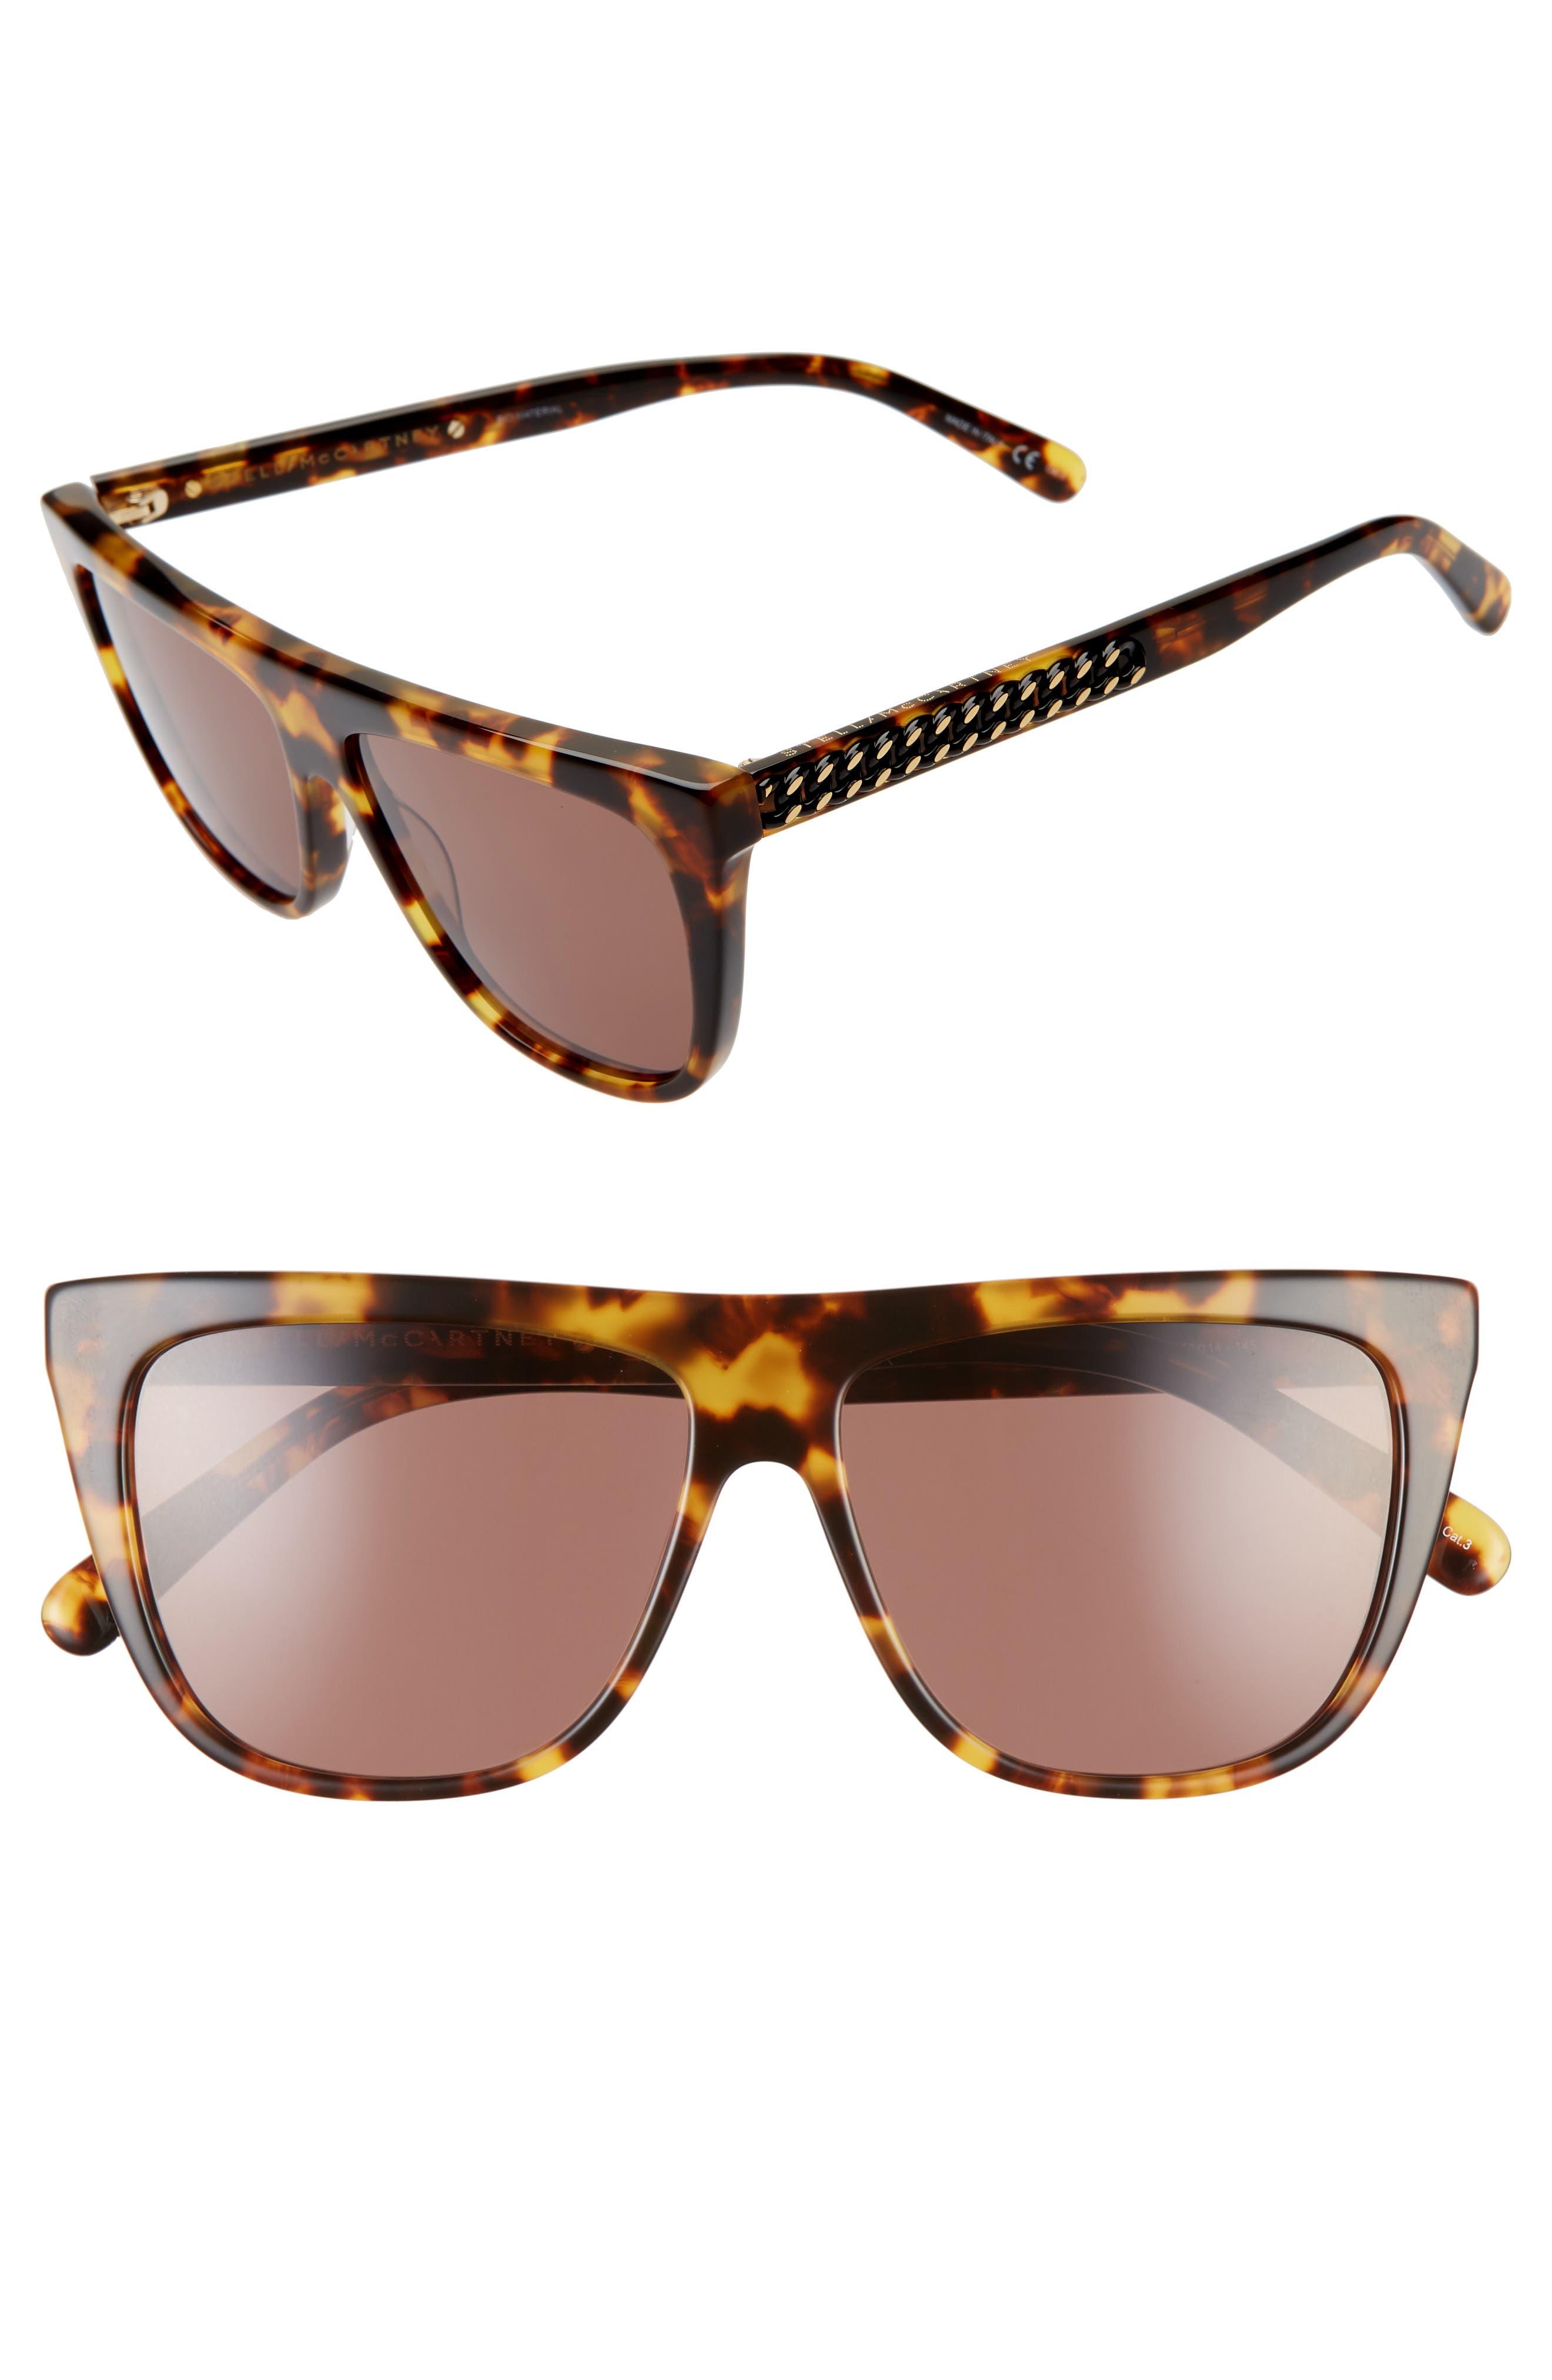 Sunglasses Mccartney For Sunglasses Stella For WomenNordstrom Sunglasses For Stella WomenNordstrom Mccartney Stella Mccartney kXZuTPOi